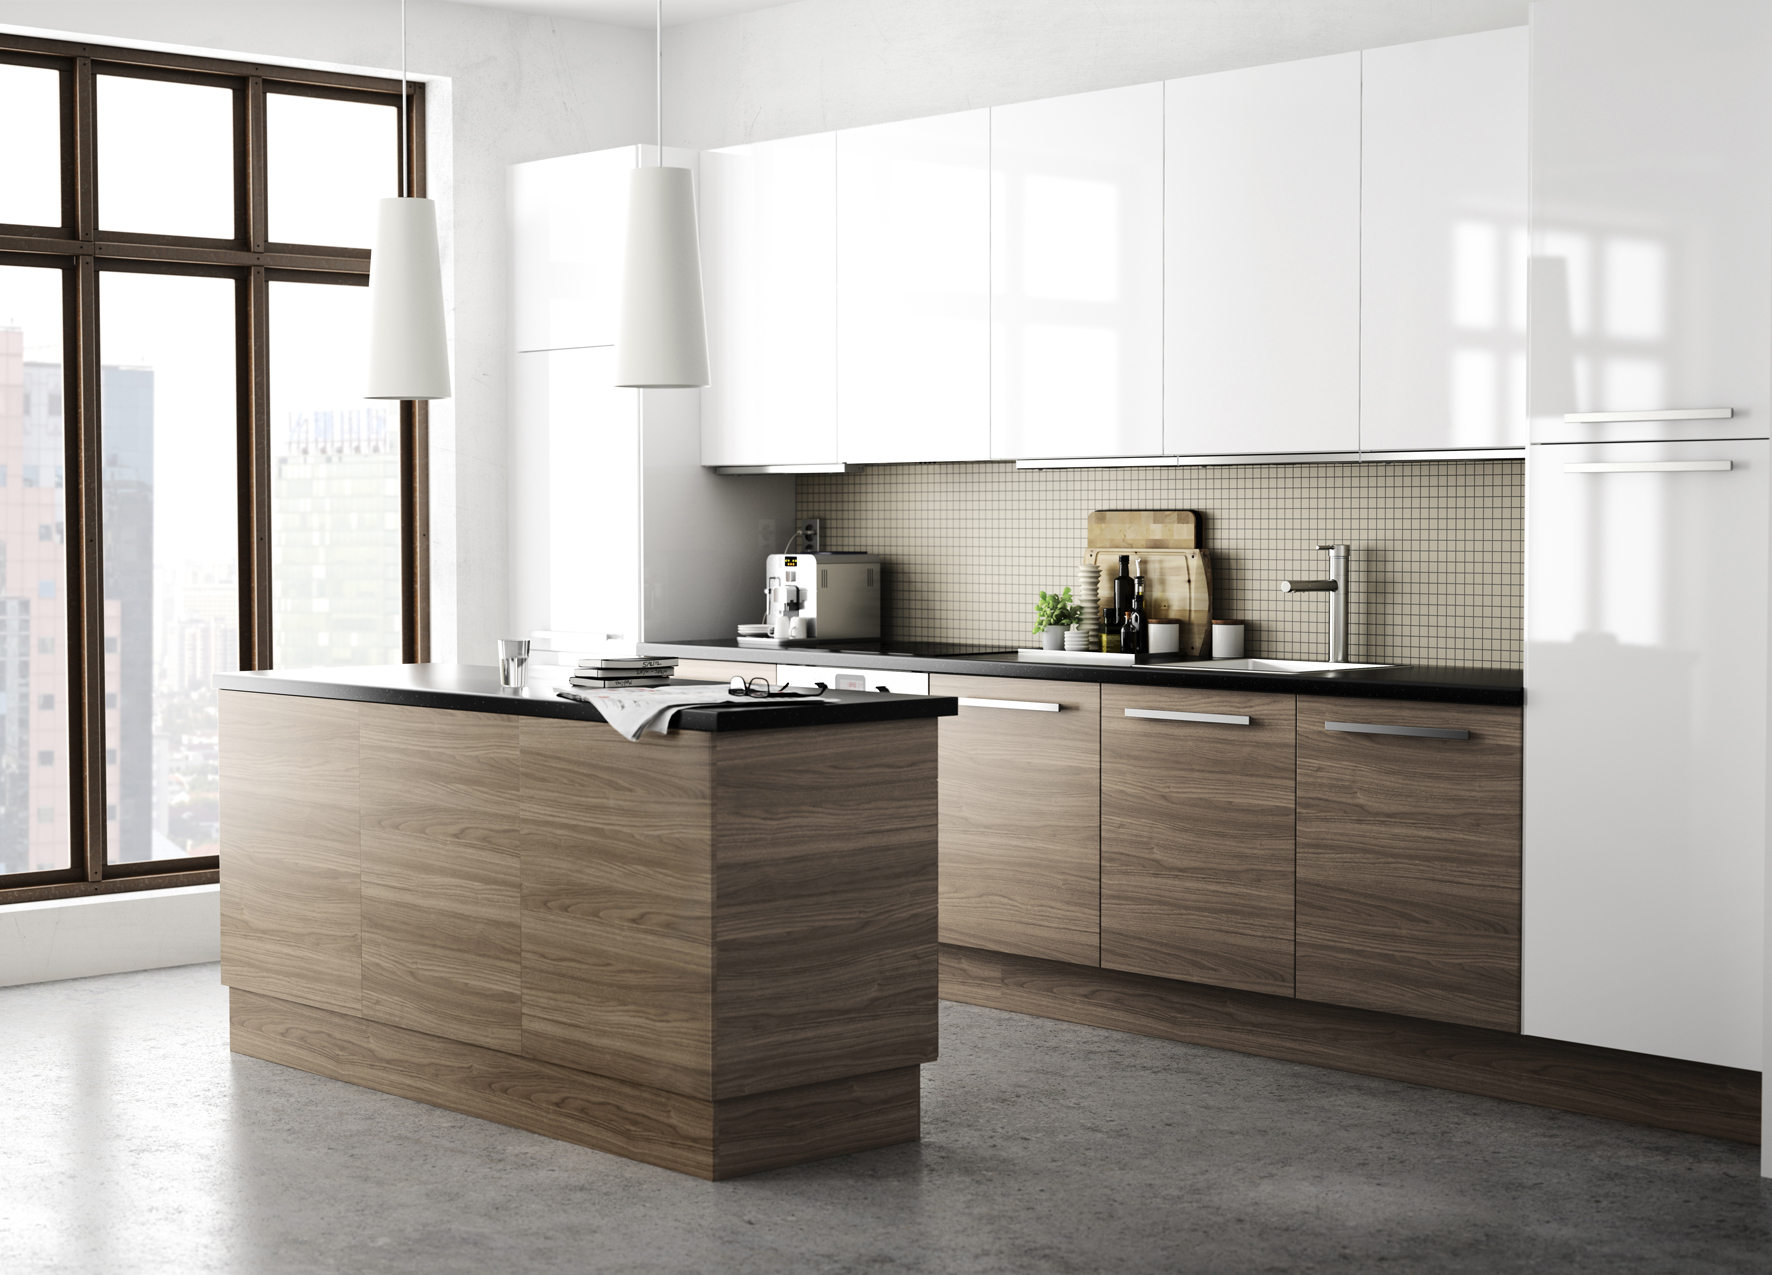 Keuken Ikea Kind : 2014 IKEA Keukens